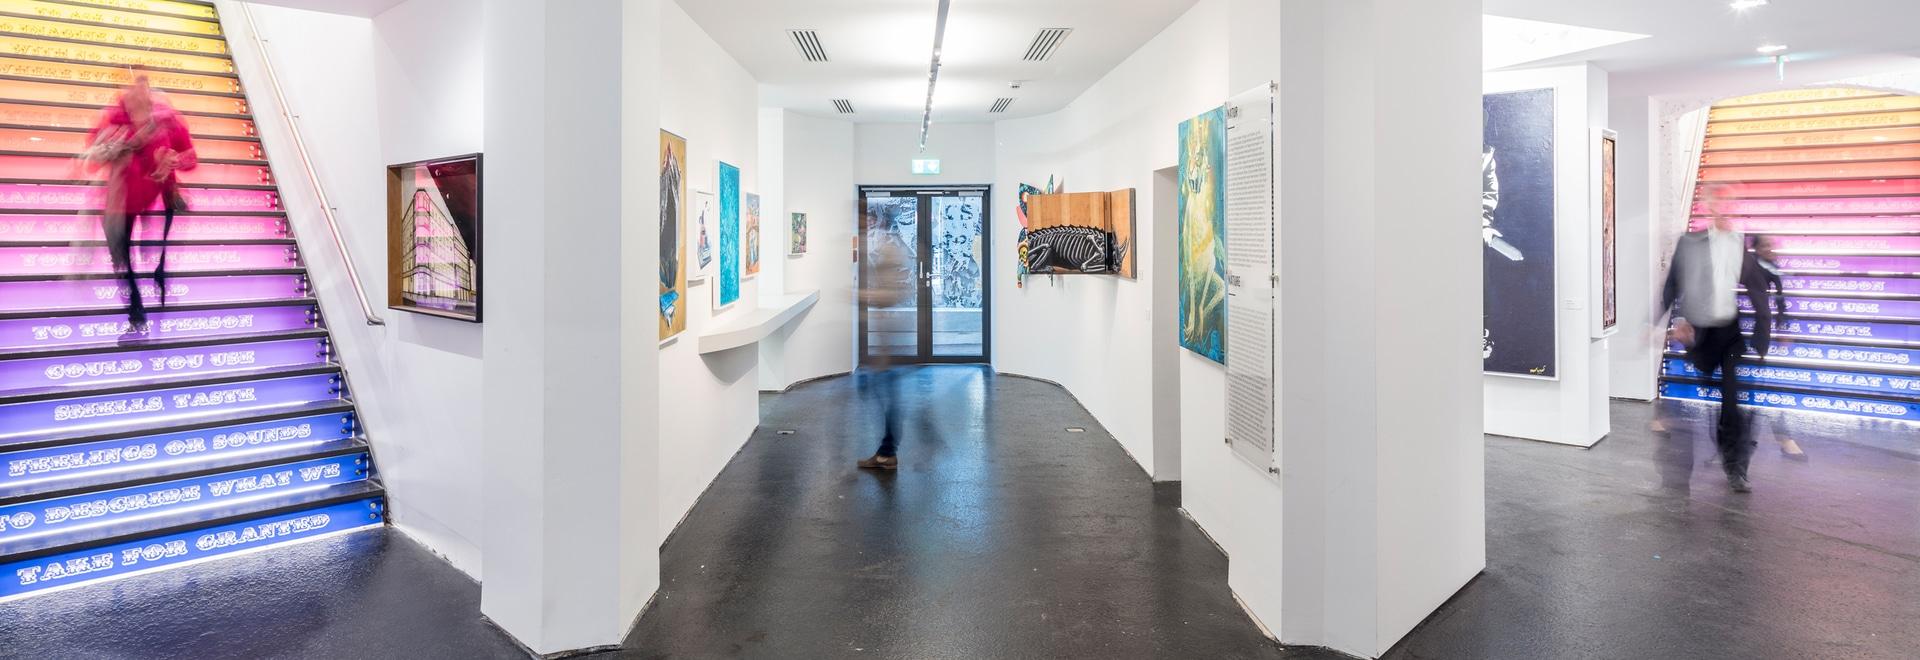 """Arte contemporáneo en foco: Zumtobel ilumina la """"NACIÓN URBANA"""" – el museo de arte urbano único en Berlín"""